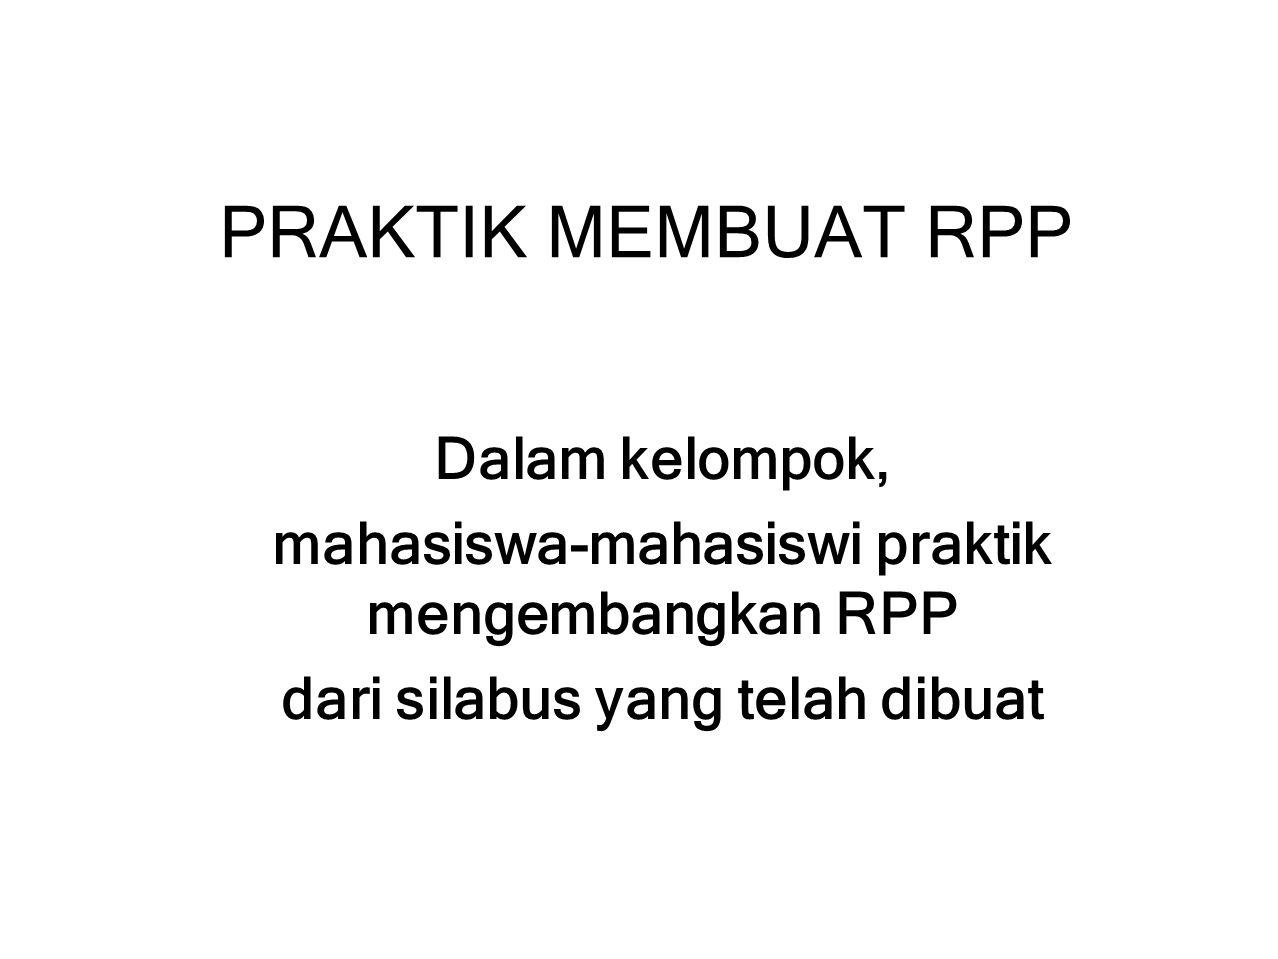 PRAKTIK MEMBUAT RPP Dalam kelompok, mahasiswa-mahasiswi praktik mengembangkan RPP dari silabus yang telah dibuat